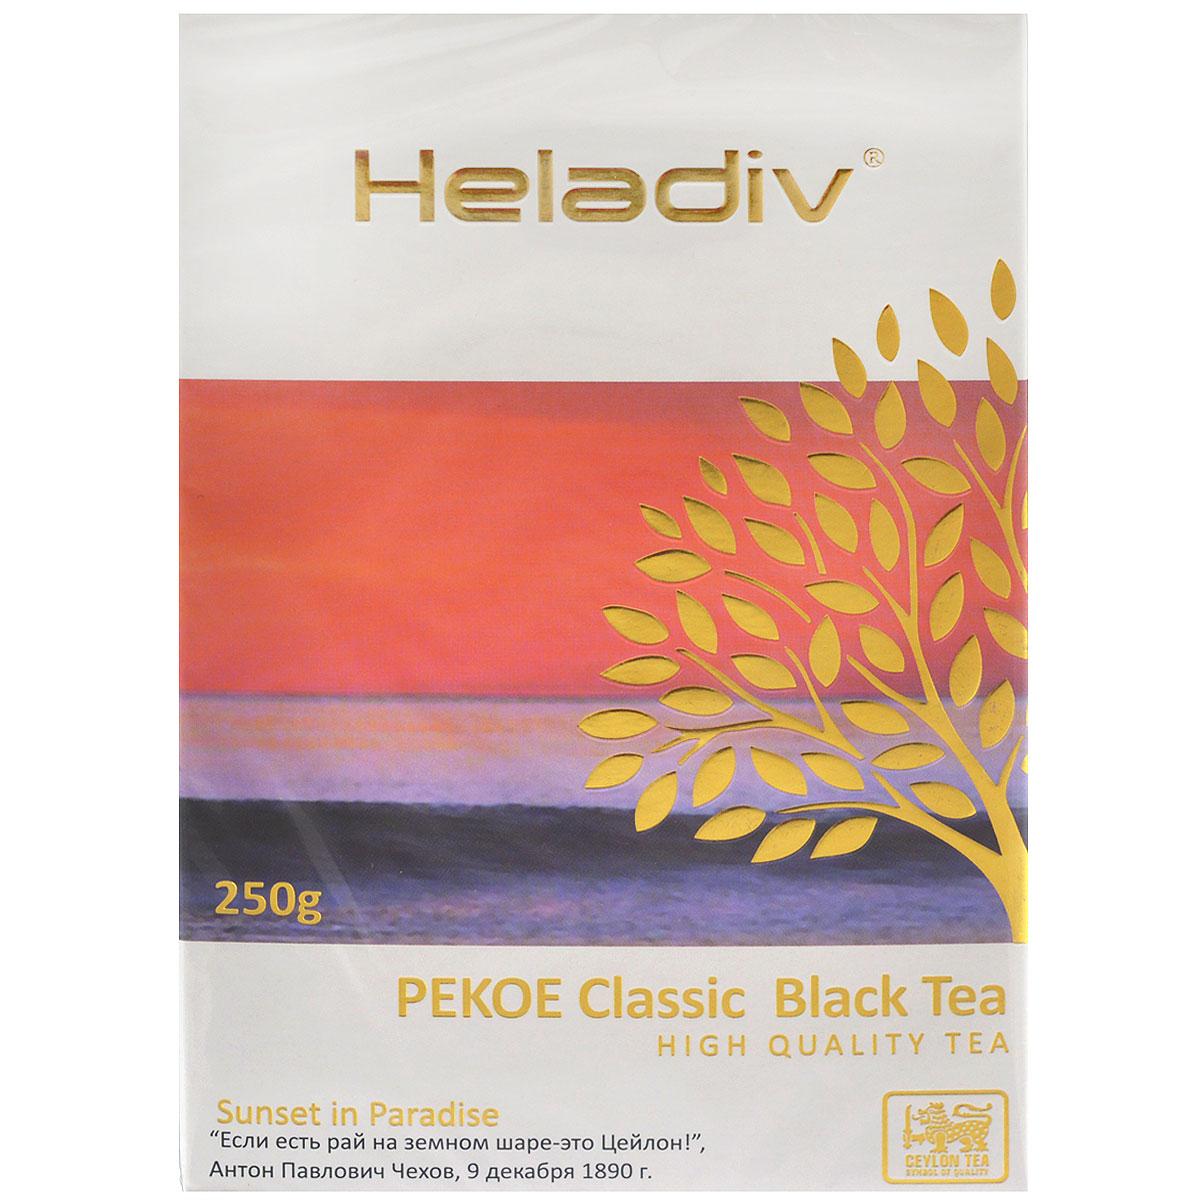 Heladiv Pekoe чай черный листовой, 250 г4791007008699Heladiv Pekoe - крепкий тонизирующий чай ПЕКО из молодых, специально скрученных верхних листьев. Для усиления его тонизирующих свойств отборный крупный лист подвергают специальной обработке. Обладает насыщенным медным прозрачным настоем и слегка терпким вкусом.